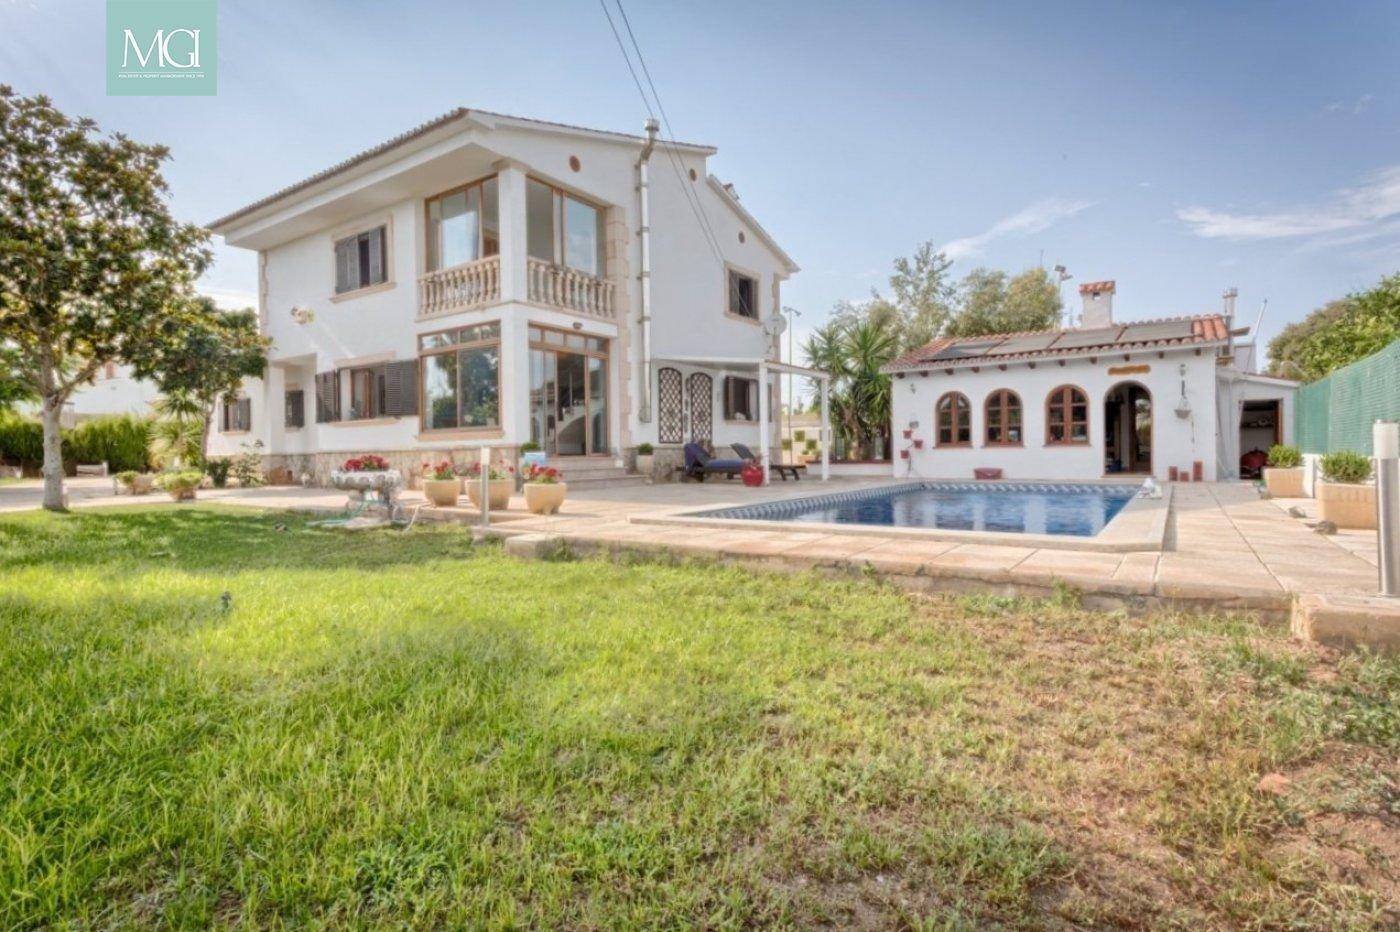 Villa in Son Sardina, Balearic Islands, Spain 1